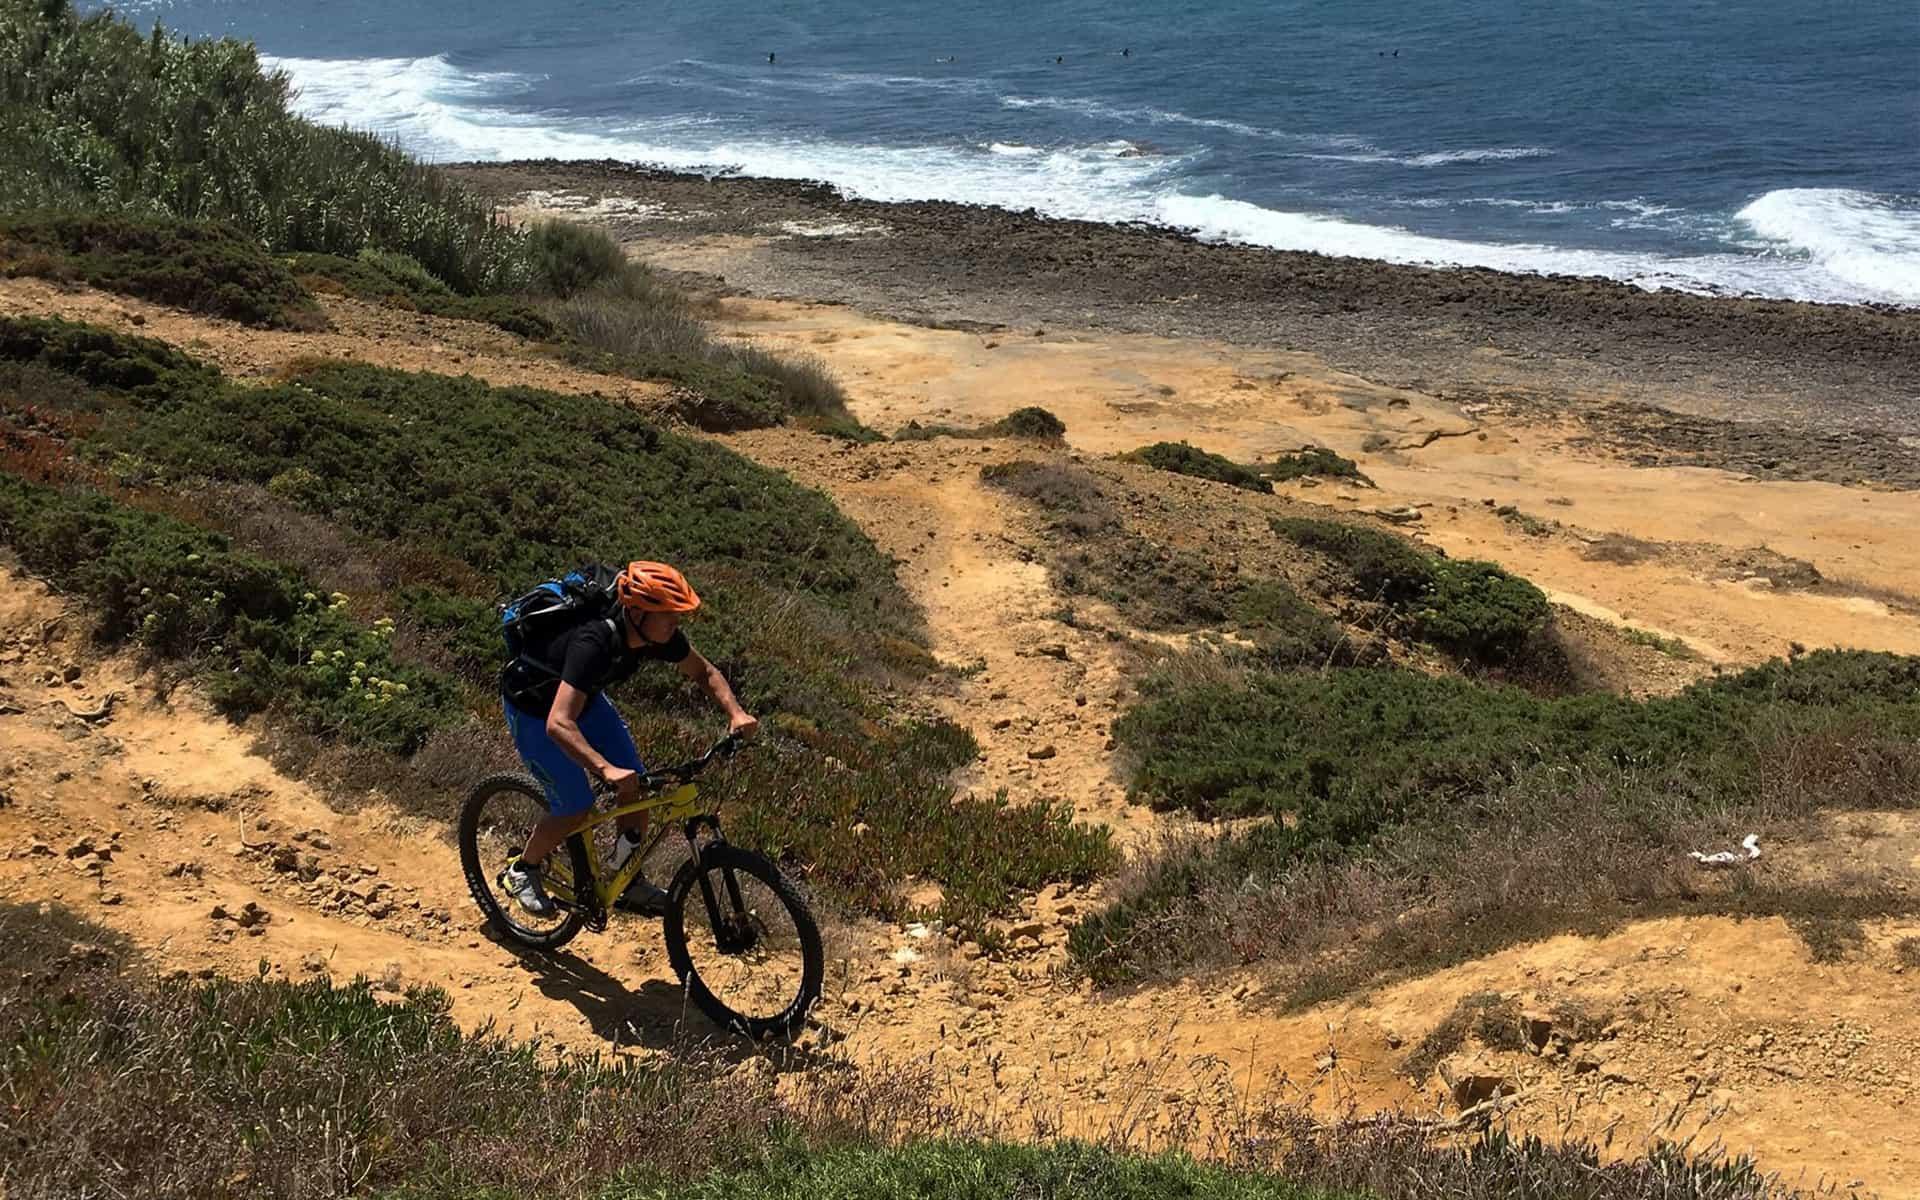 surf camp ericeira - Activities - Bike Tours